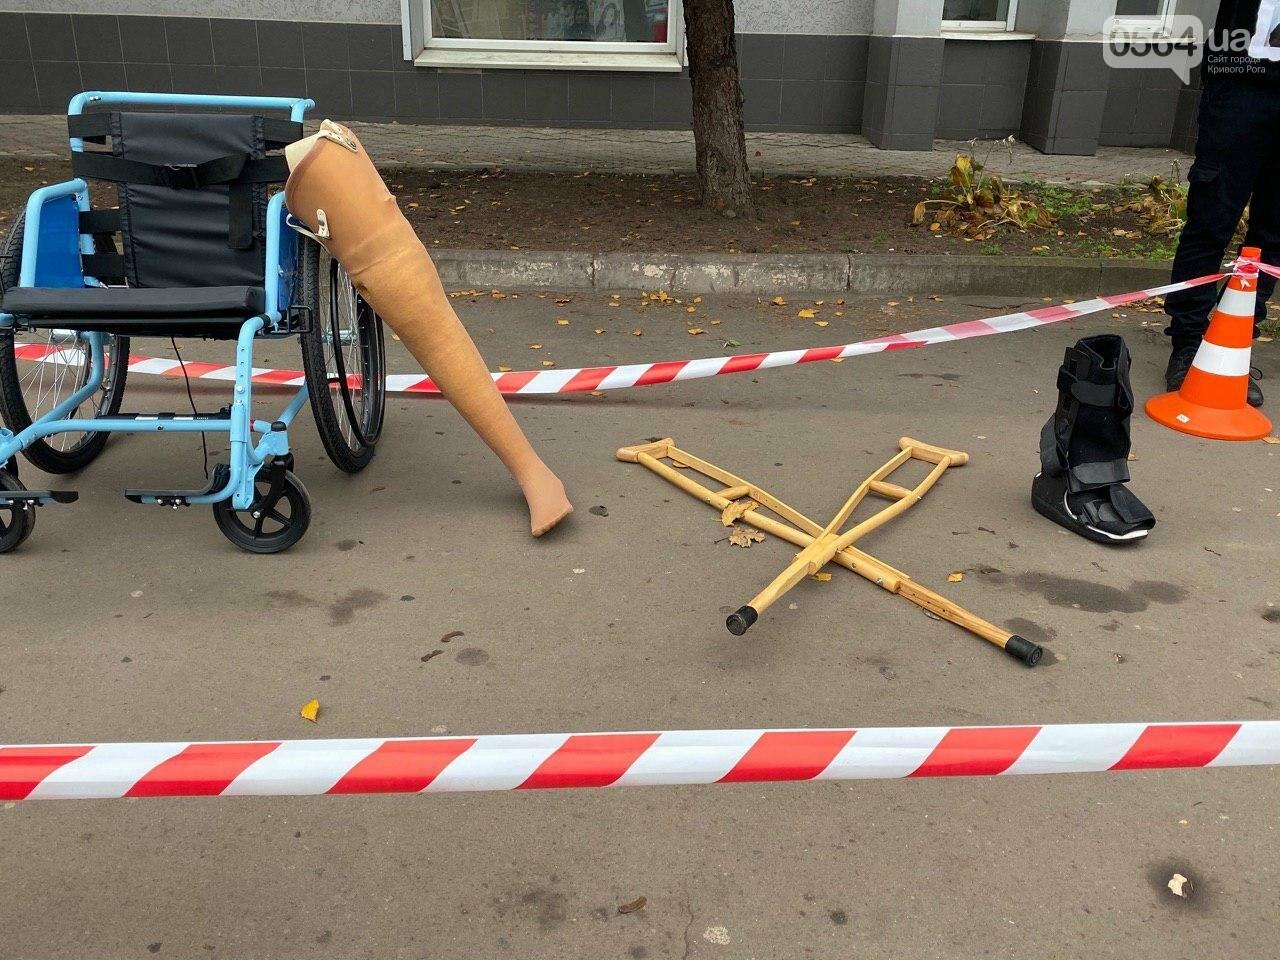 На центральном проспекте в Кривом Роге устроили молчаливый протест, - ФОТО, ВИДЕО, фото-1